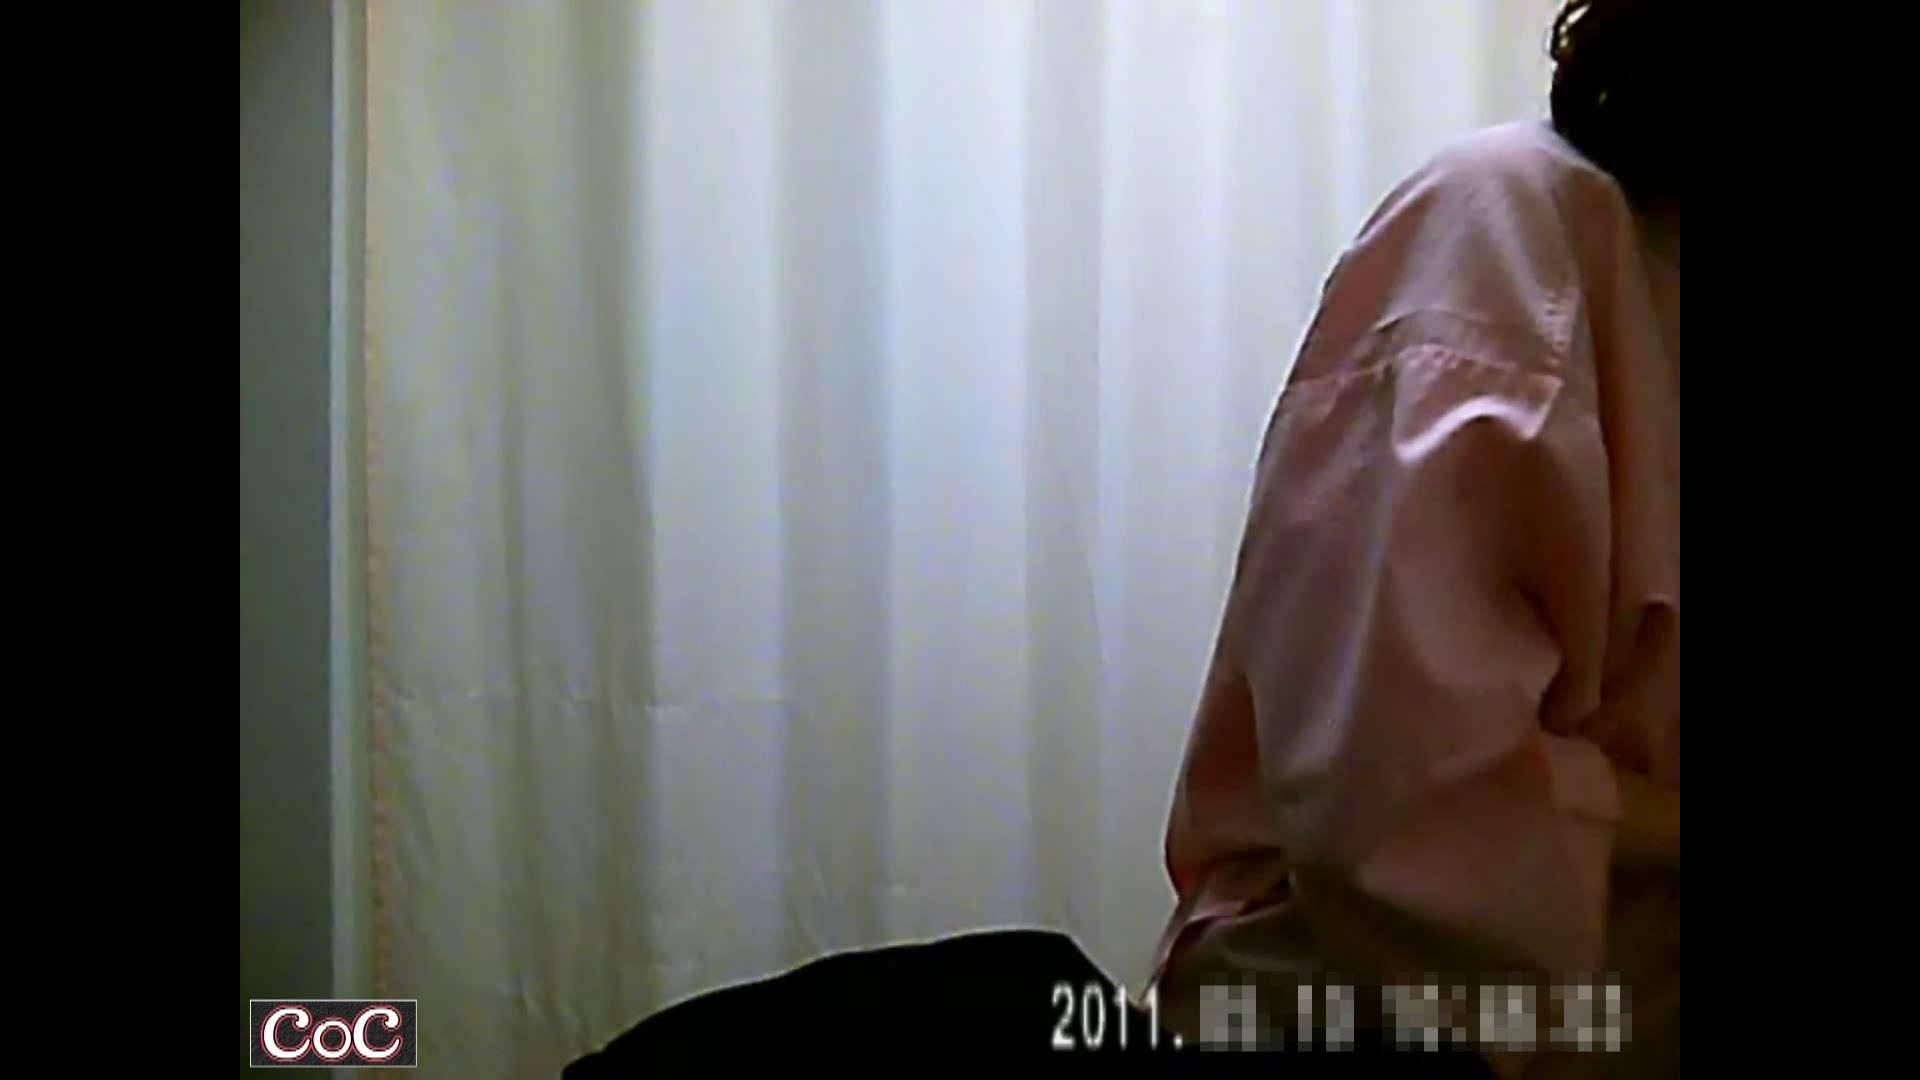 元医者による反抗 更衣室地獄絵巻 vol.201 盛合せ | 0  97画像 49